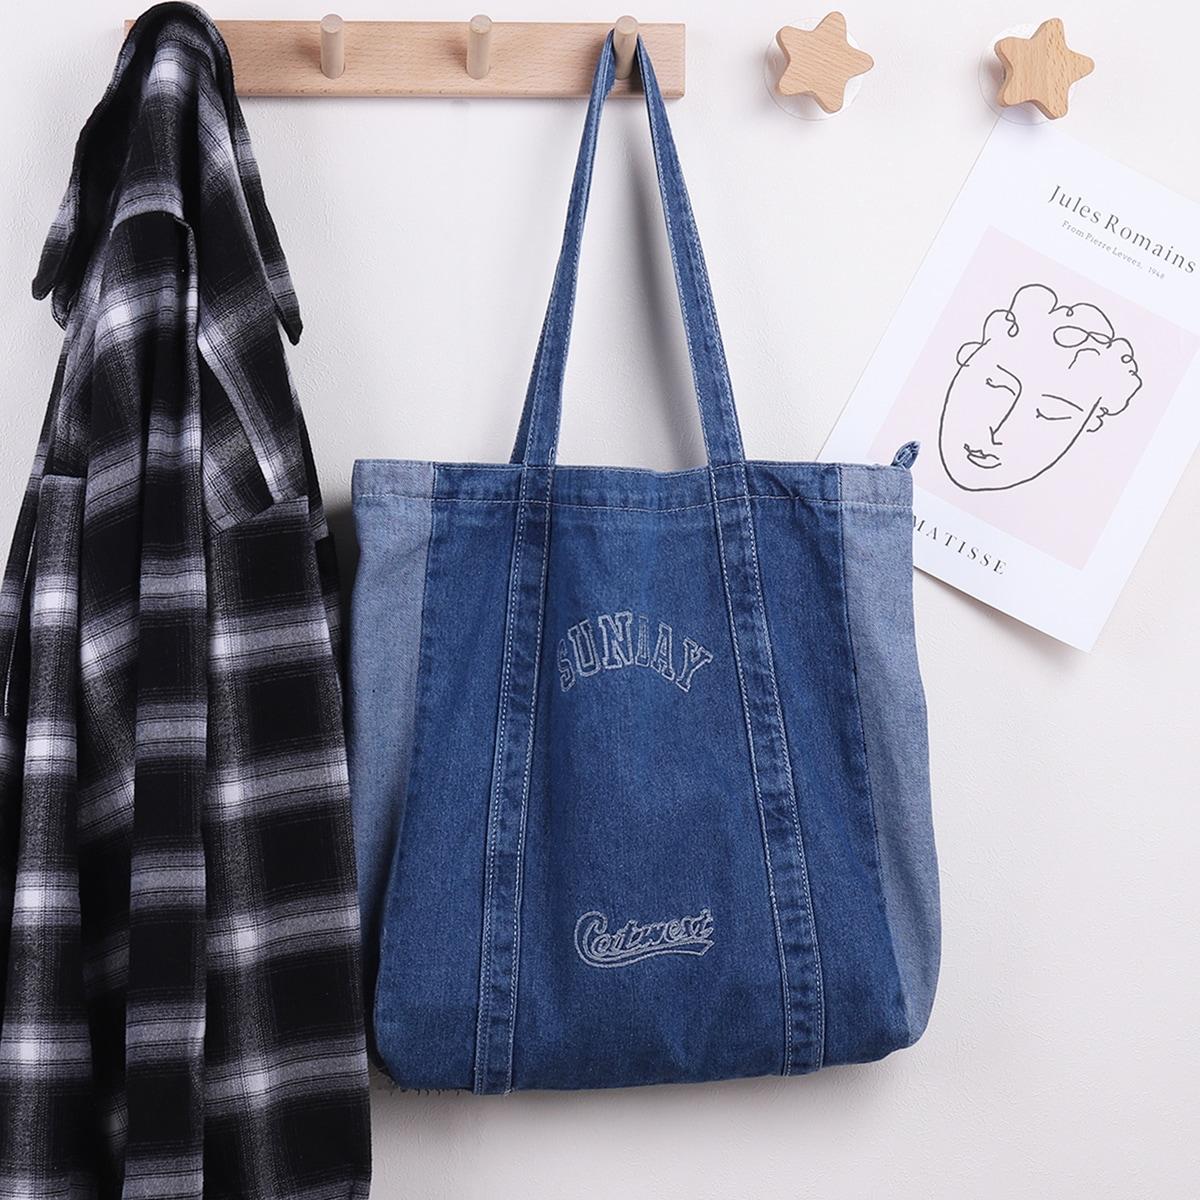 Джинсовая сумка-шоппер с текстовым принтом